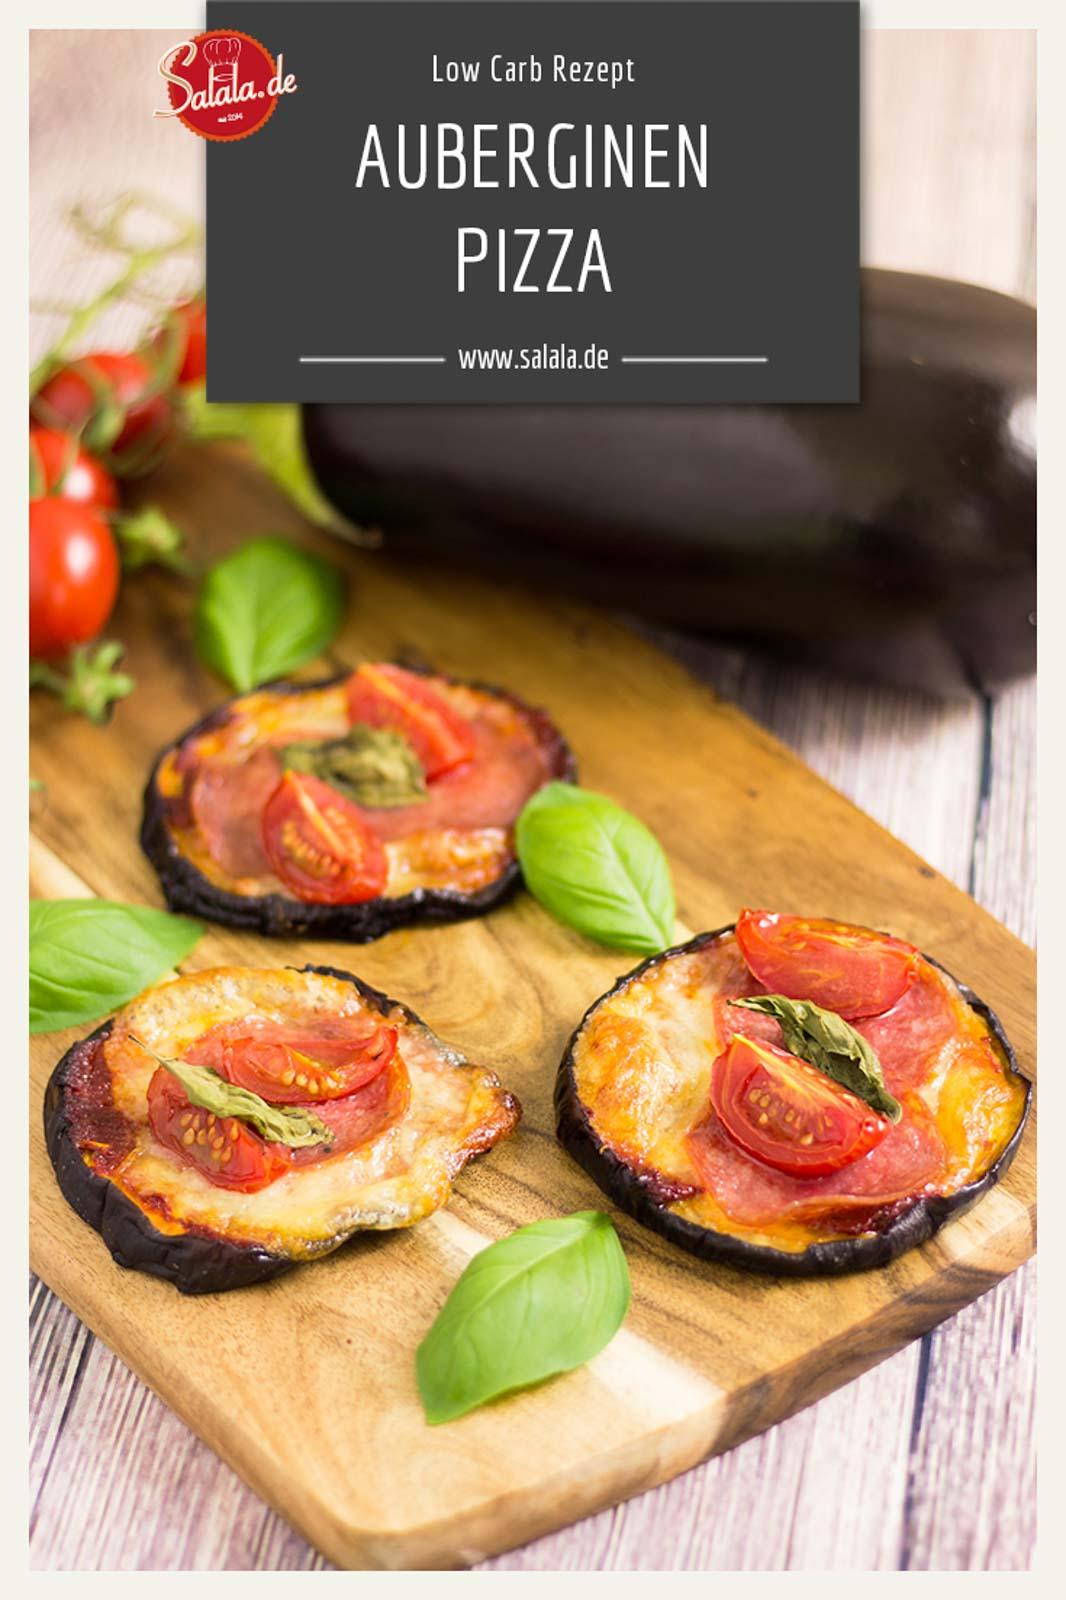 Auberginen Pizza Low Carb Pizza - by salala.de - Rezept mit Salami ohne Kohlenhydrate schnell gemacht #pizza #noflour #sugarfree #zuckerfrei #keto